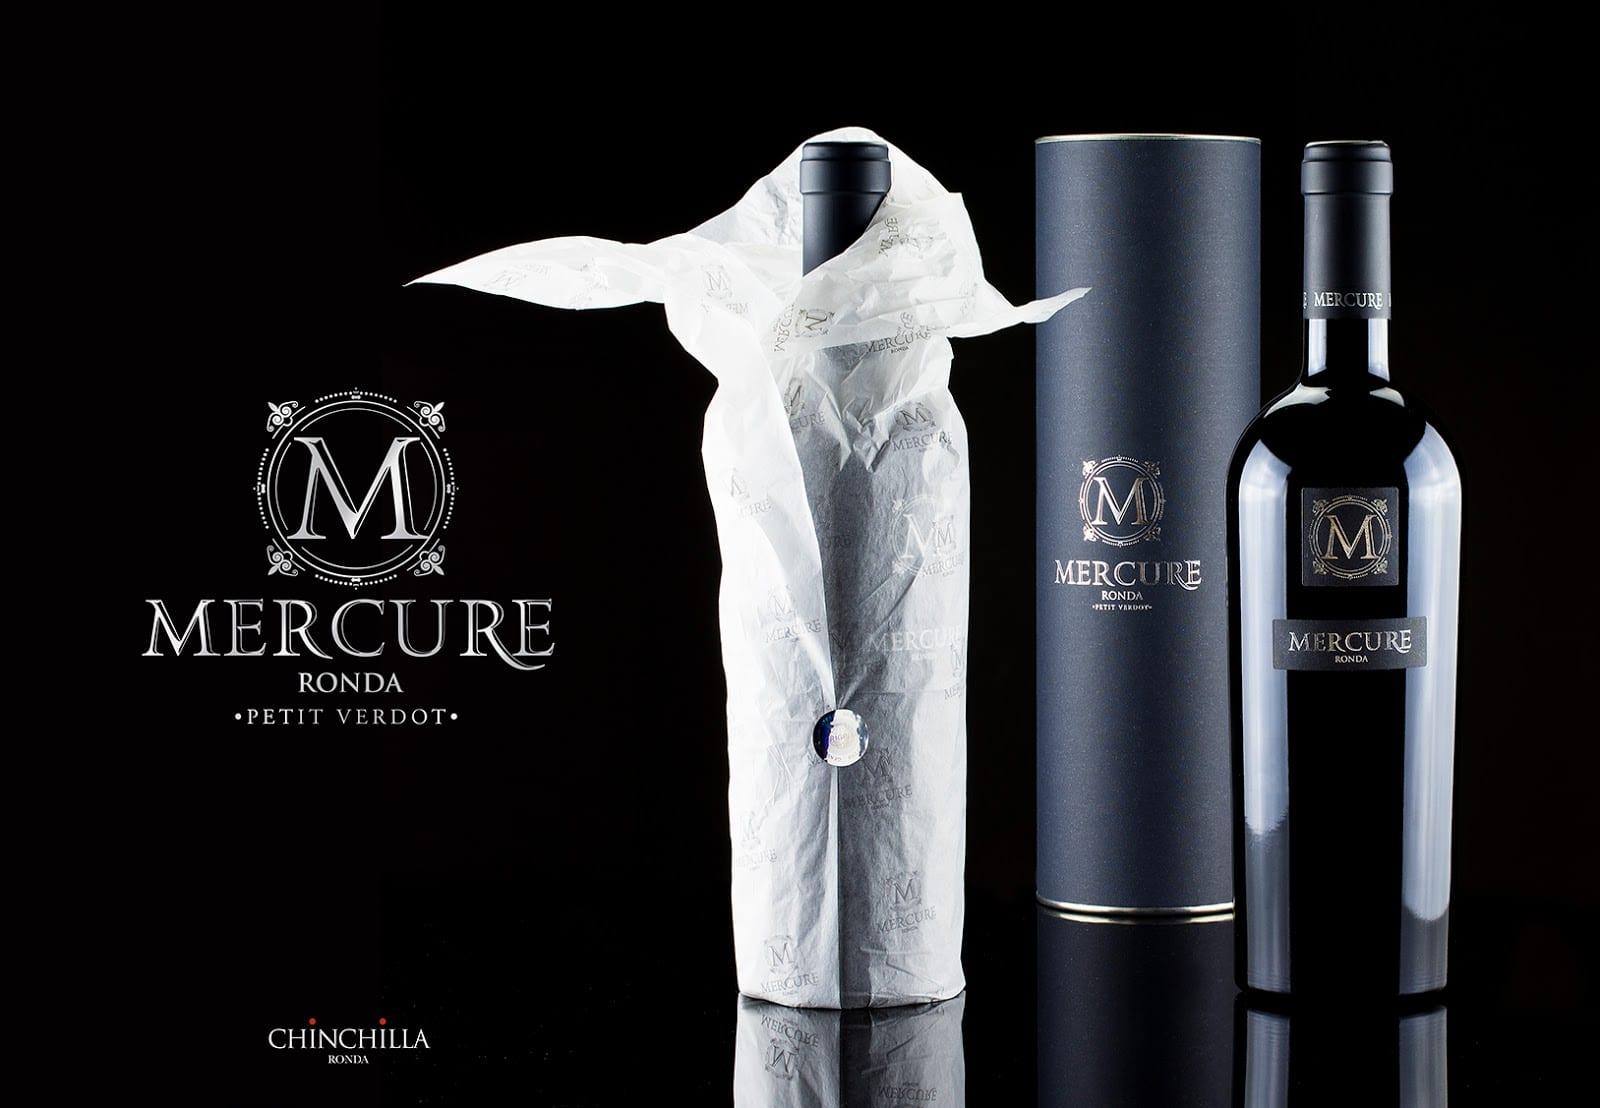 Mercure Petit Verdot 1 - Jedinečná lahev vína Mercure Petit Verdot